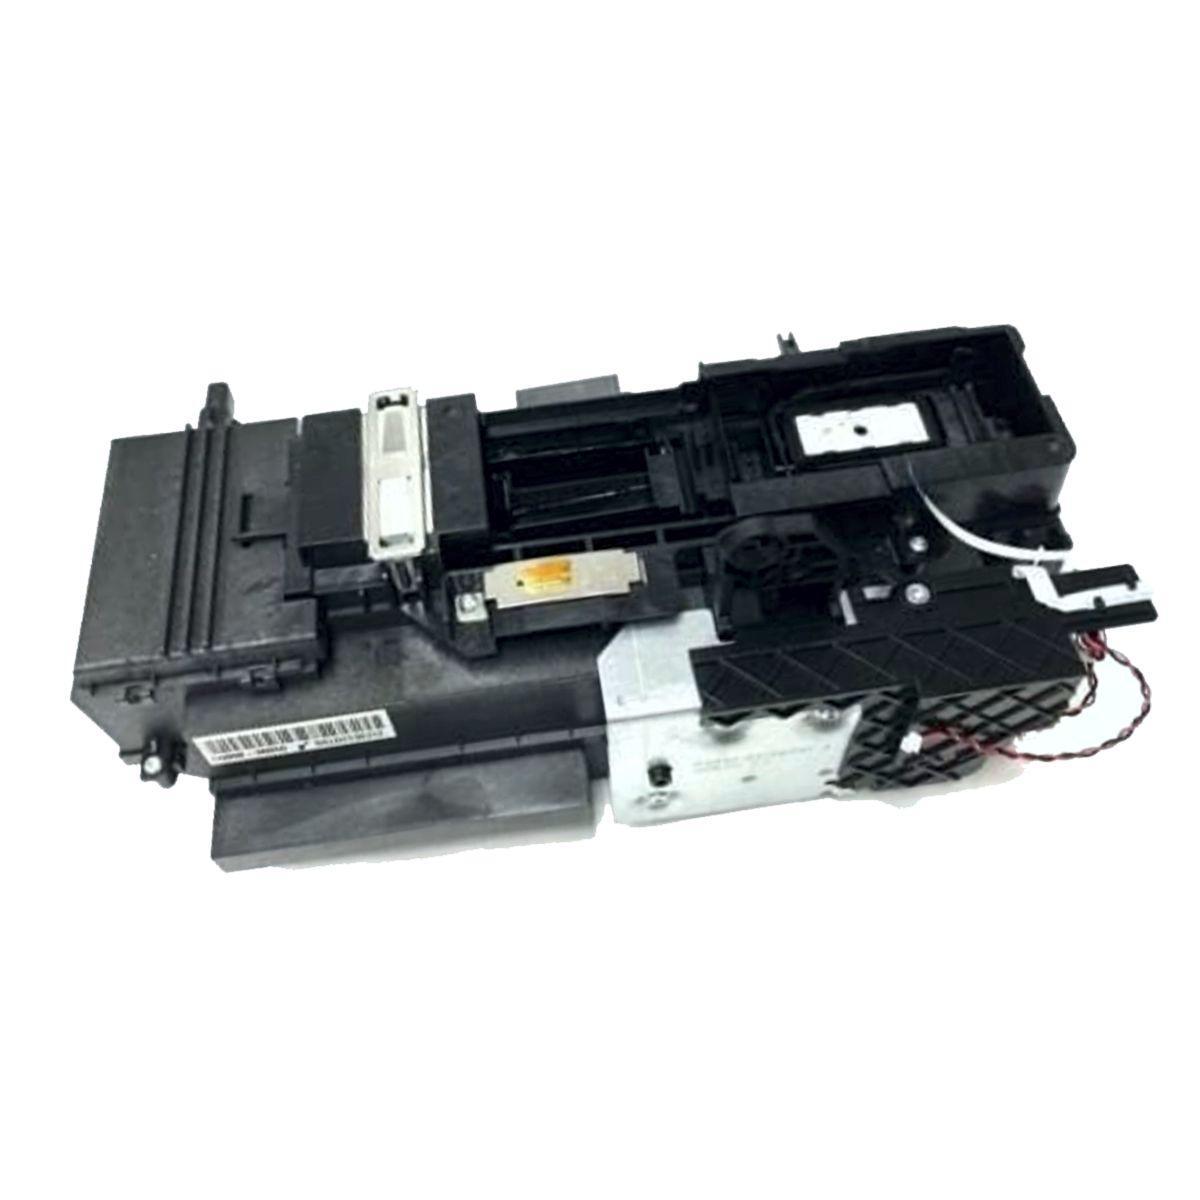 Kit Manutenção 2 - Estação de Limpeza da Impressora Plotter HP DesignJet T120, T130, T520 e T530